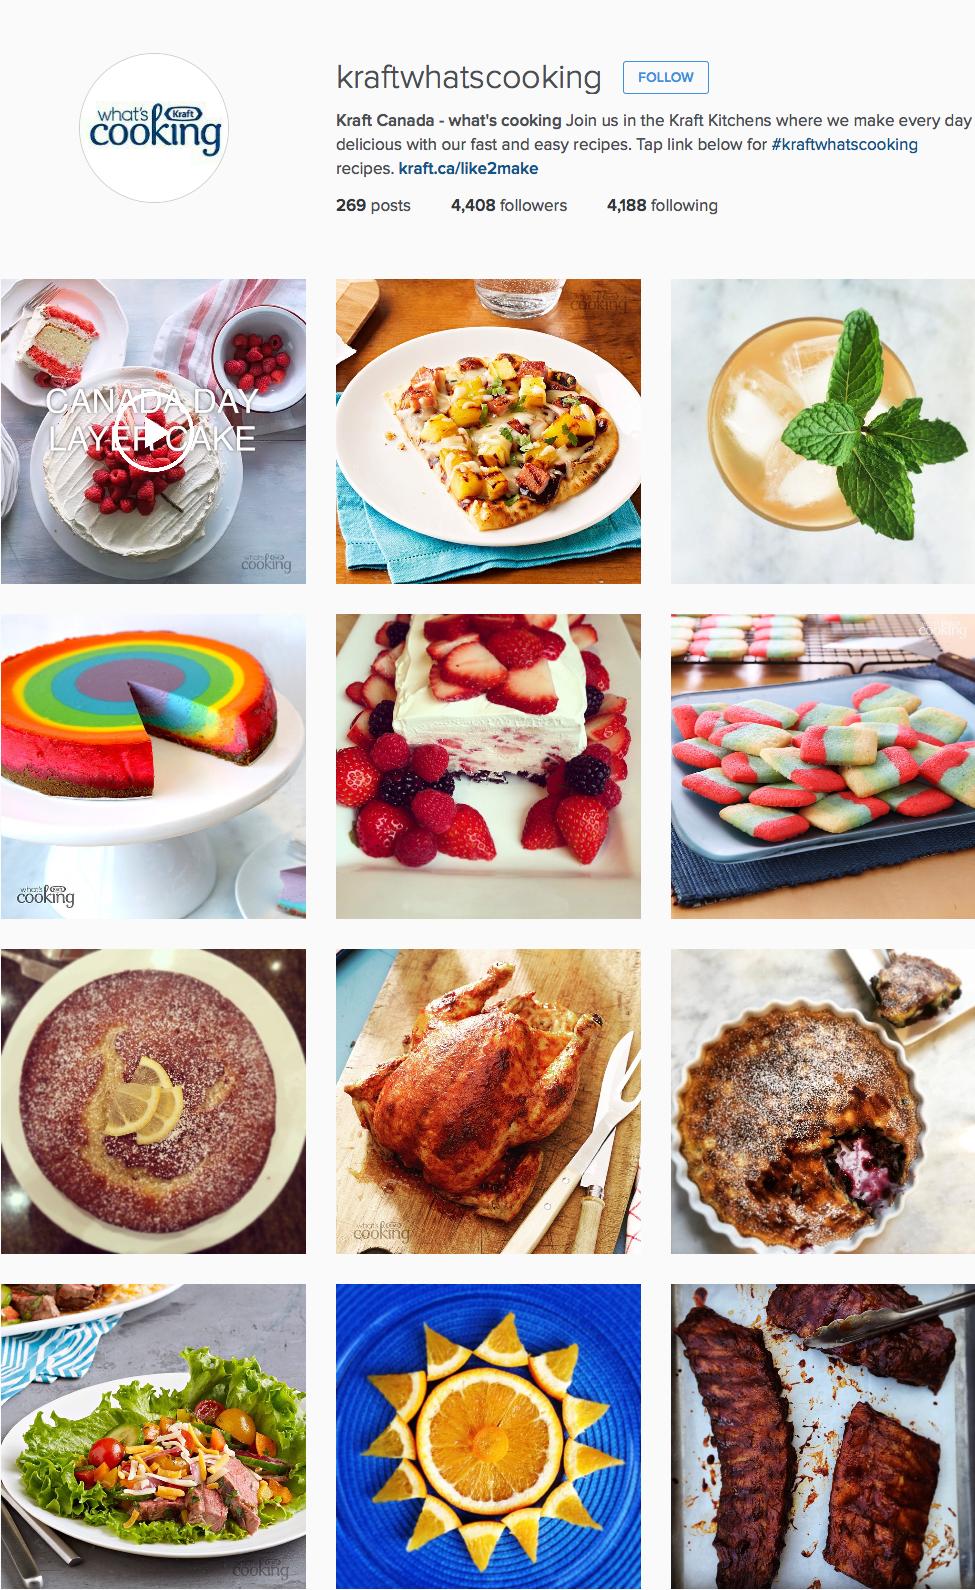 Kraft Instagram page